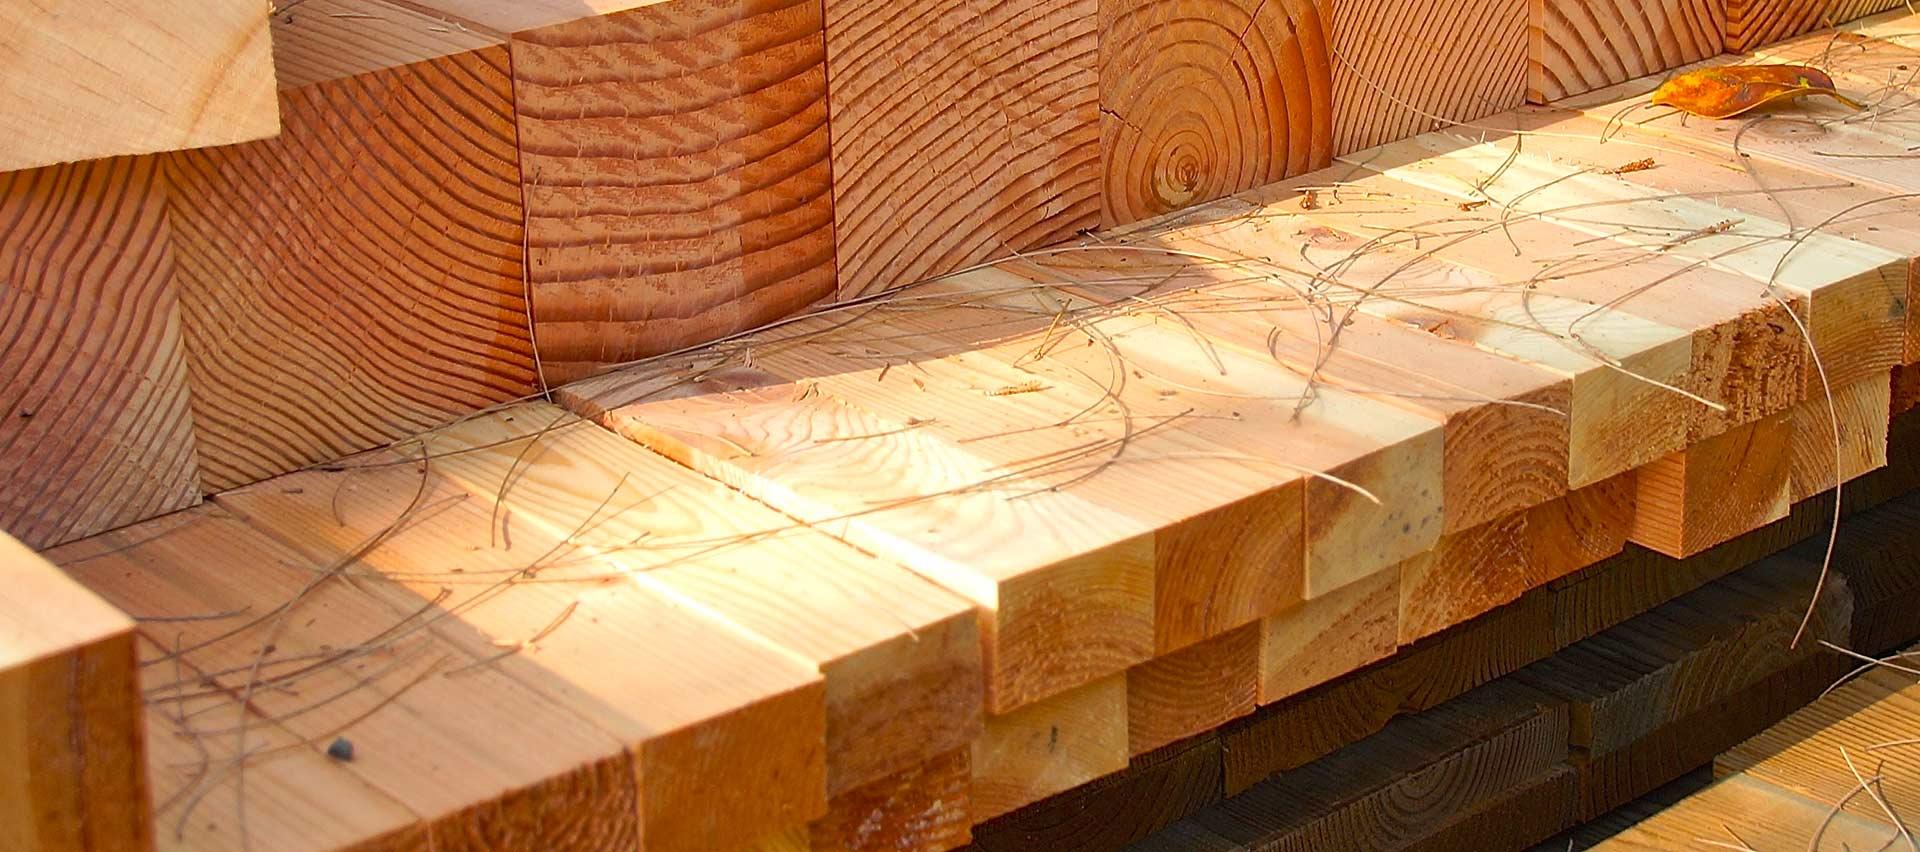 Bauholz aus Kantenholz von Holz-Hauff in Leingarten